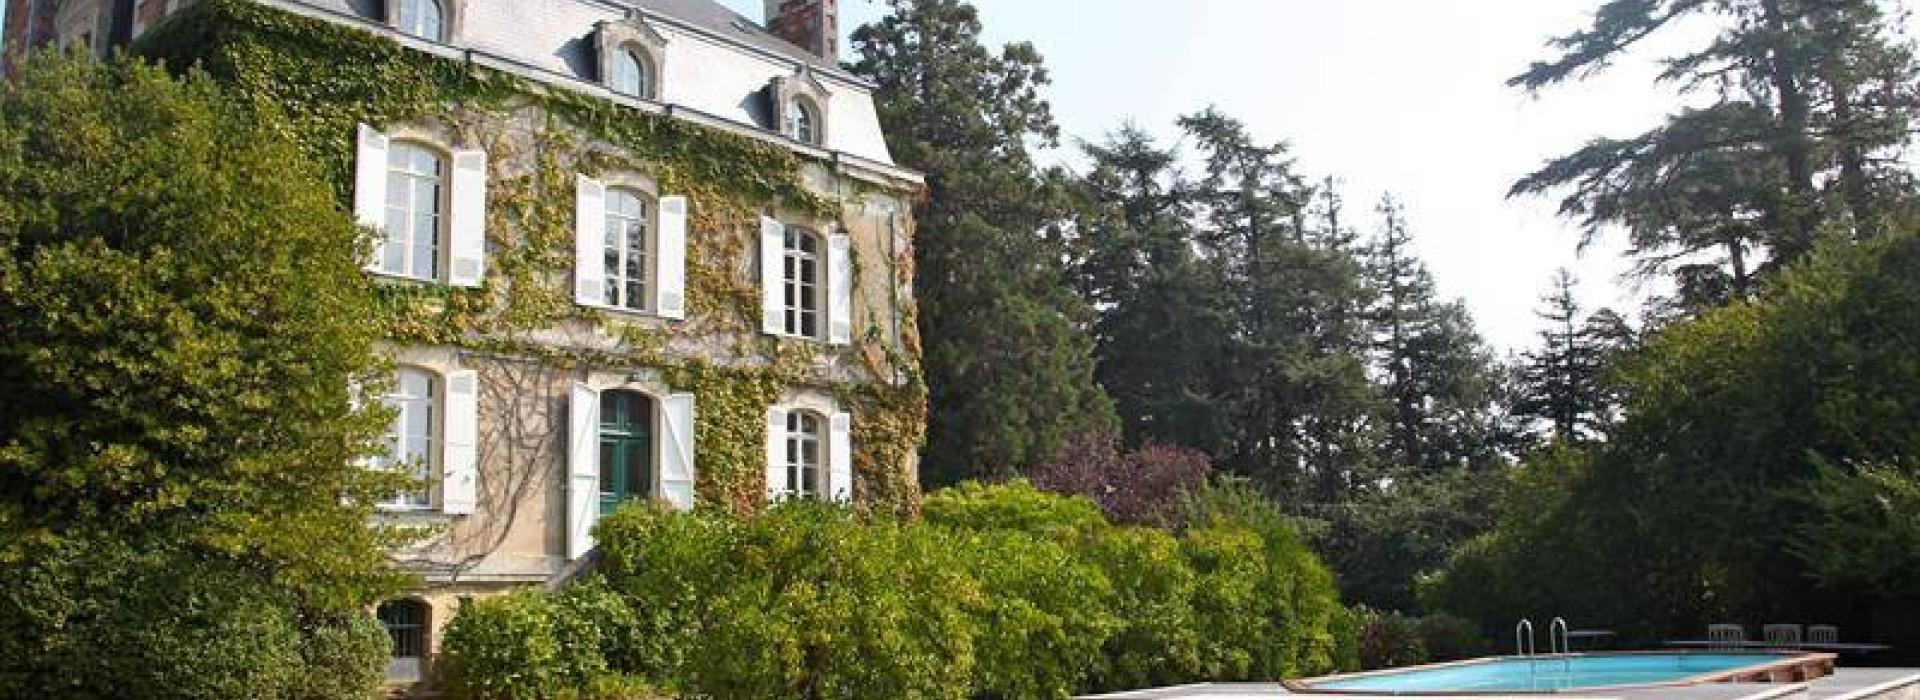 chambre d 39 hotes du chateau vert la lasserie bed and breakfast france pays de la loire. Black Bedroom Furniture Sets. Home Design Ideas